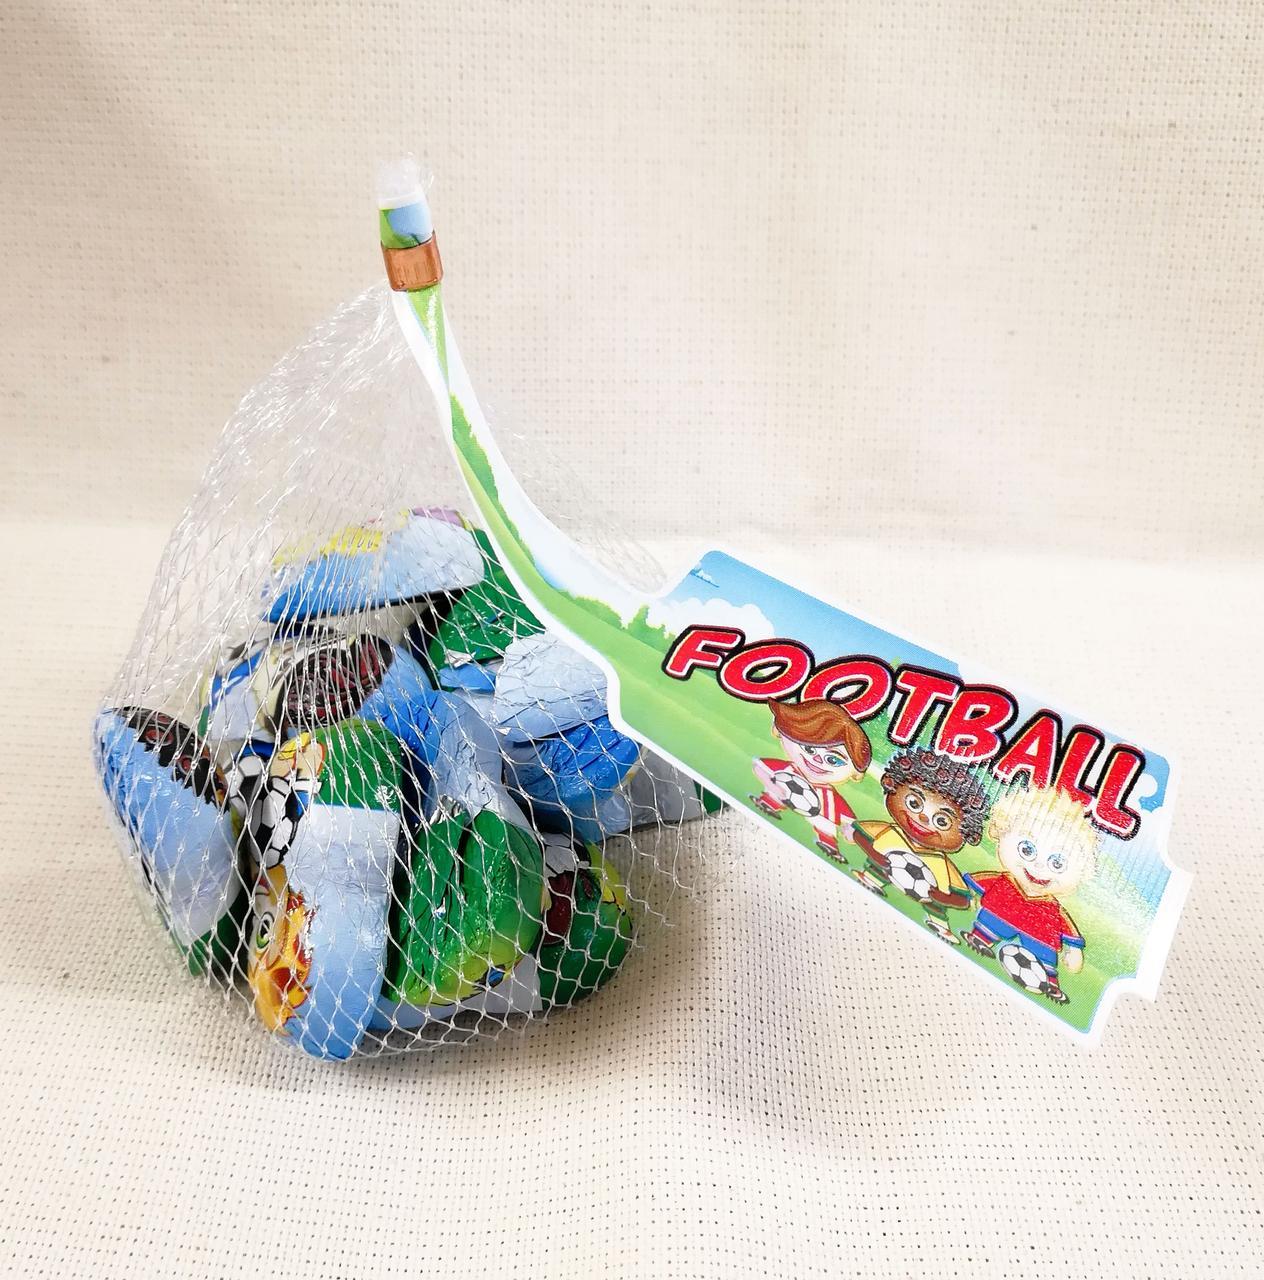 Шоколадные конфеты Laica Football